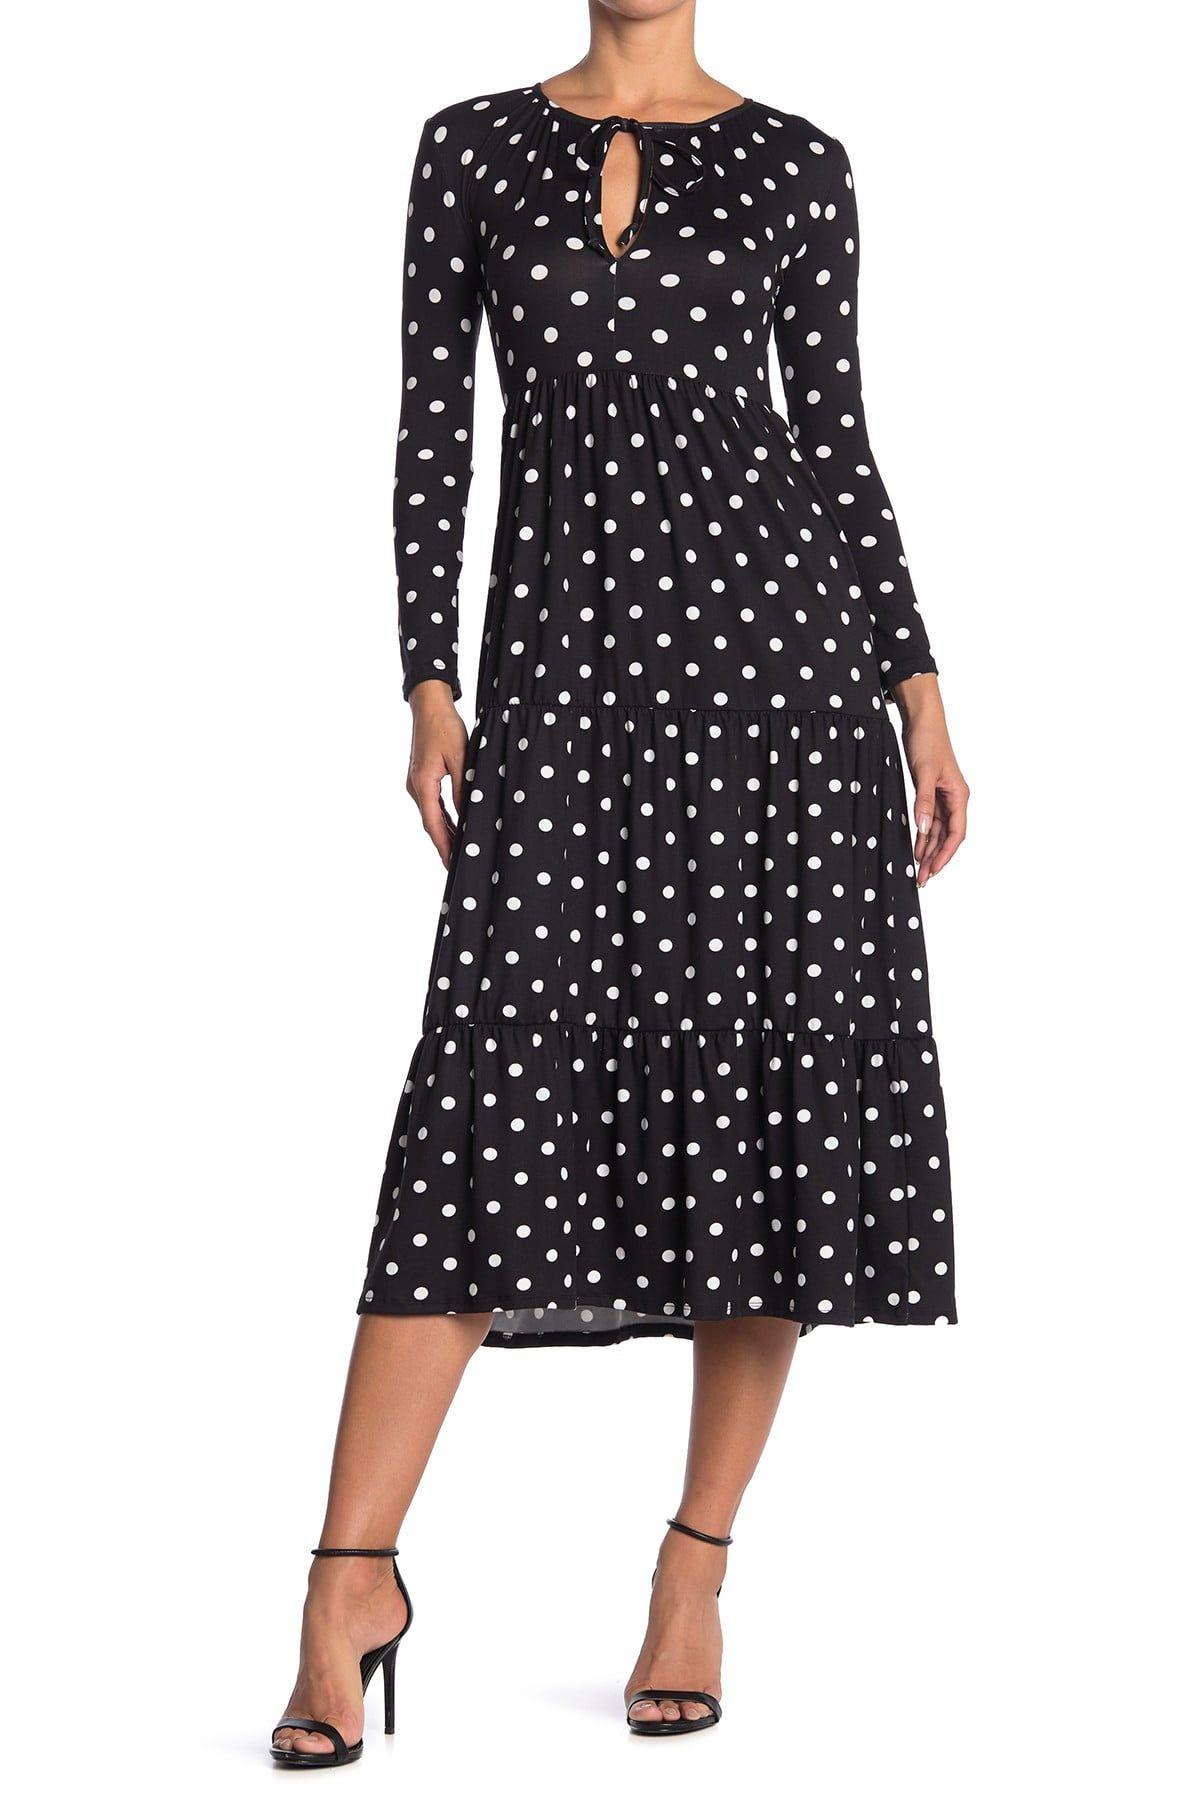 Velvet Torch Polka Dot Keyhole Long Sleeve Midi Dress Nordstrom Rack Long Sleeve Midi Dress Stylish Midi Dress Velvet Torch [ 1800 x 1200 Pixel ]